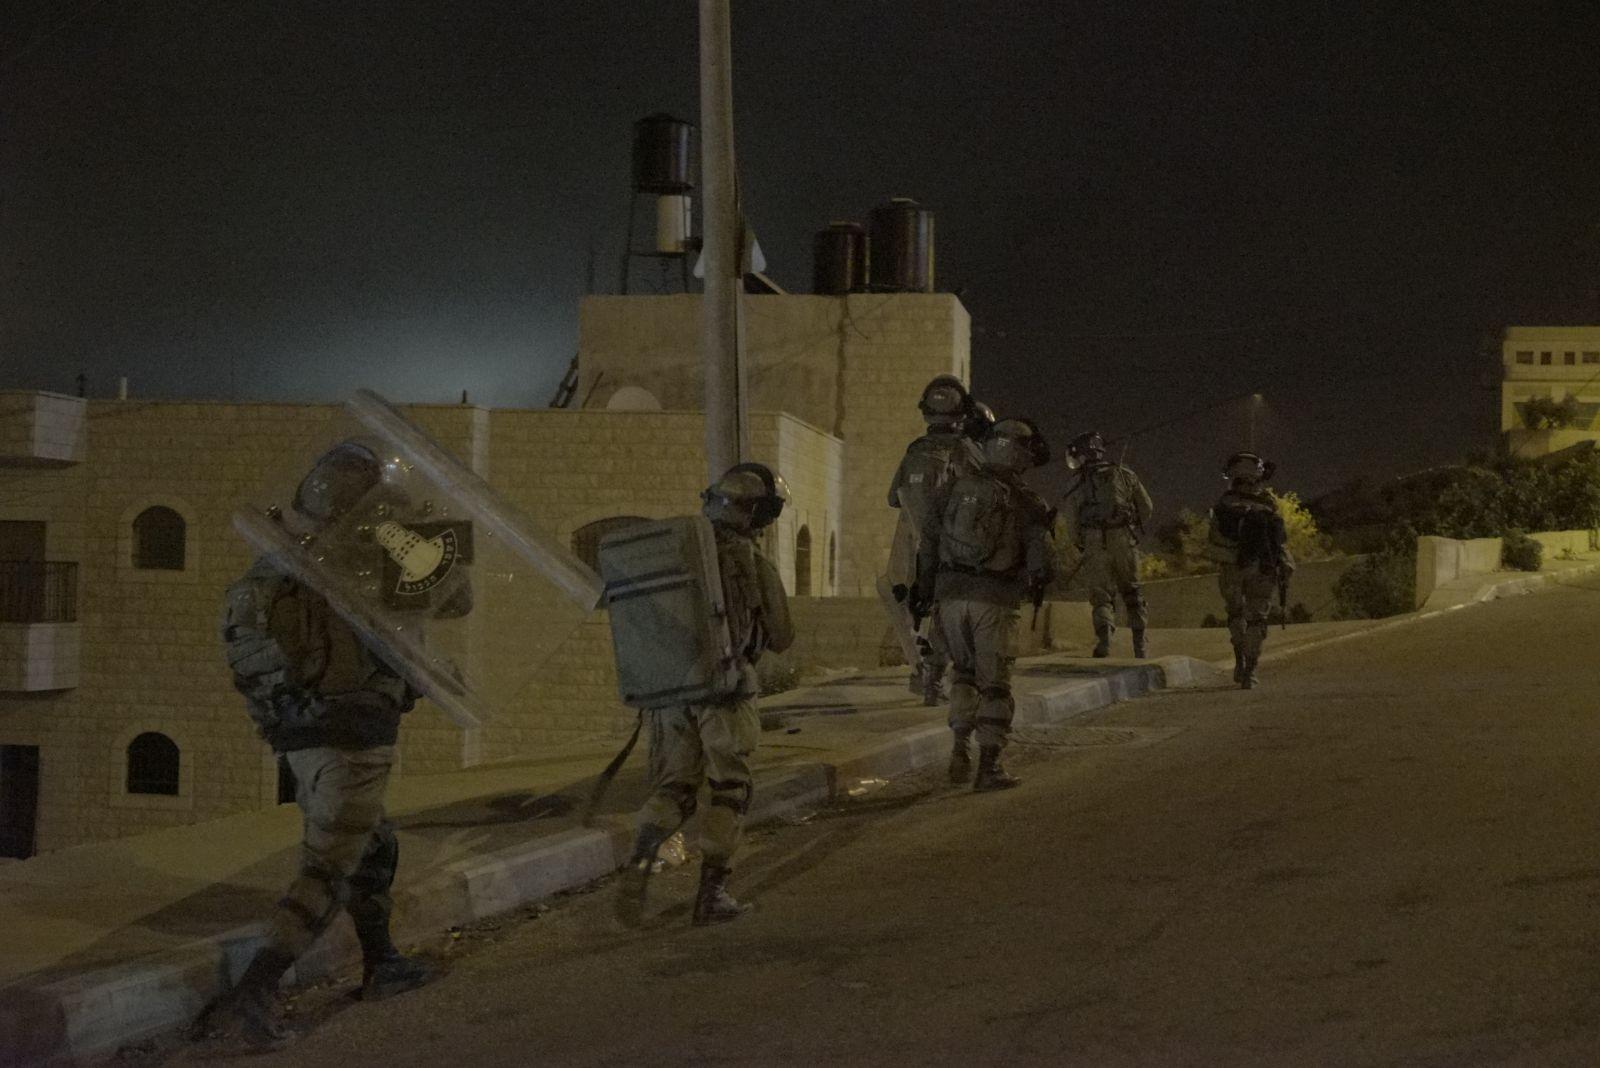 כוחות הביטחון פירקו את סוכת האבלים על מות המחבל • הבית: בקרוב